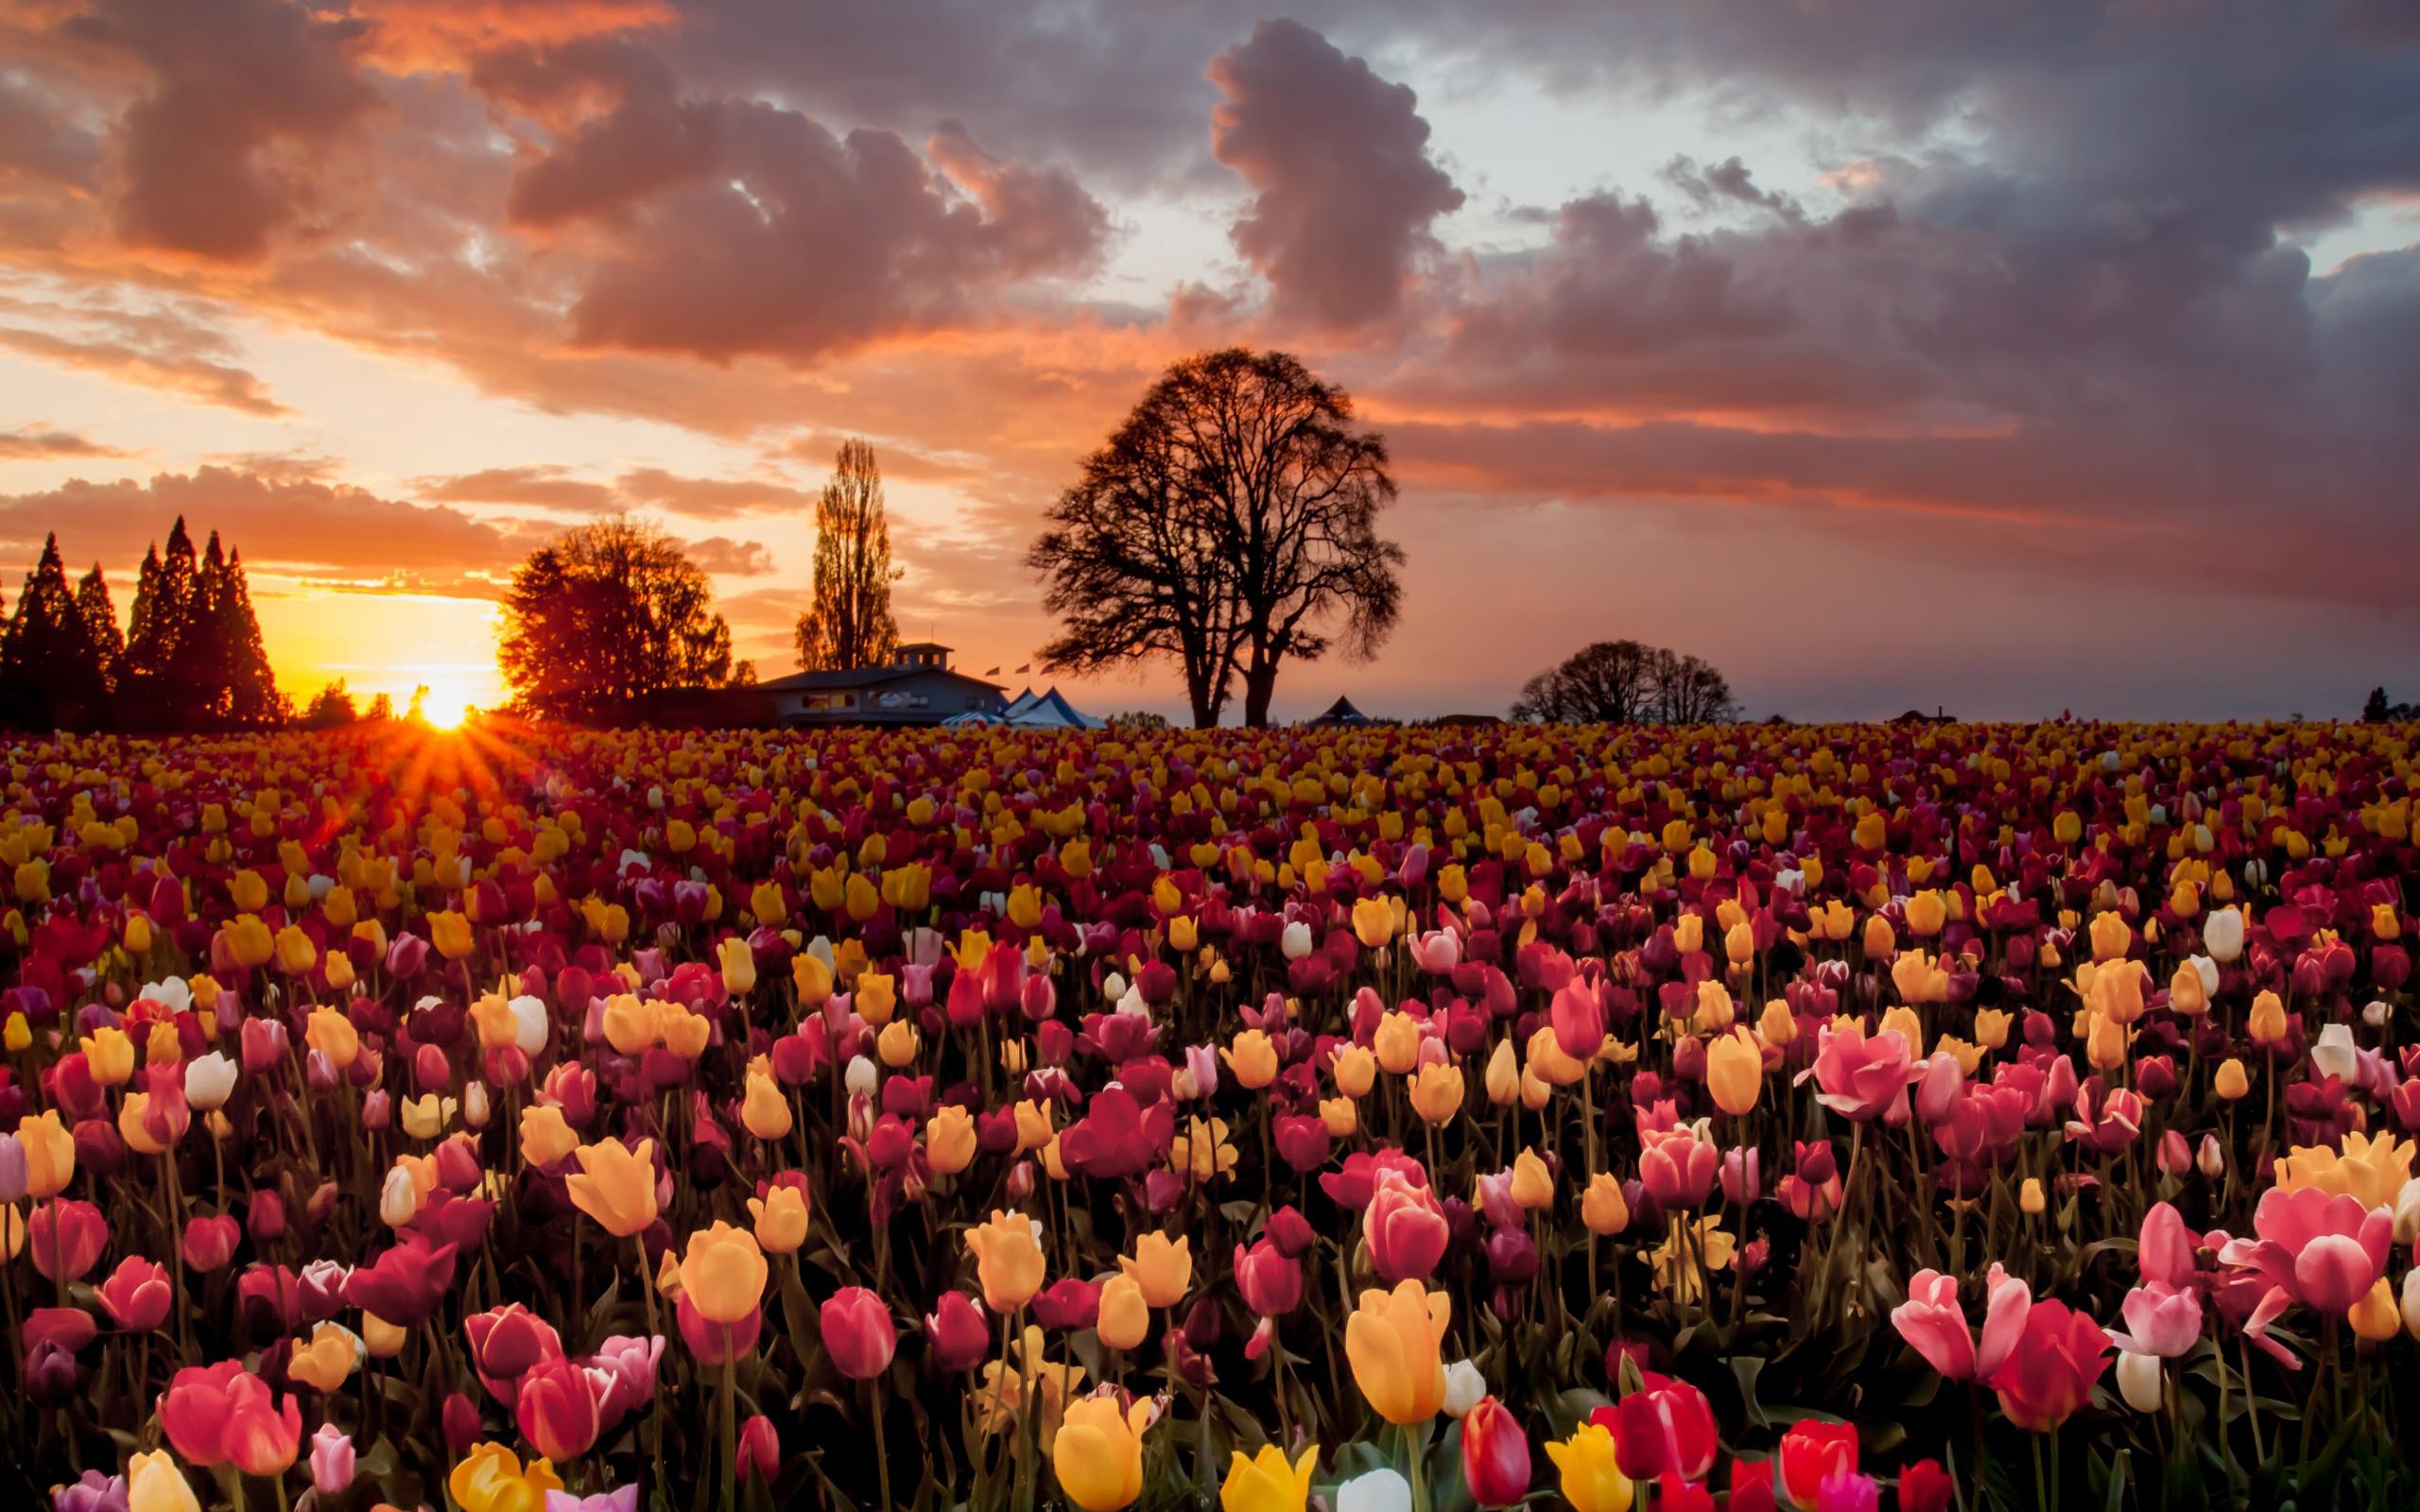 тюльпаны, клумба, деревья